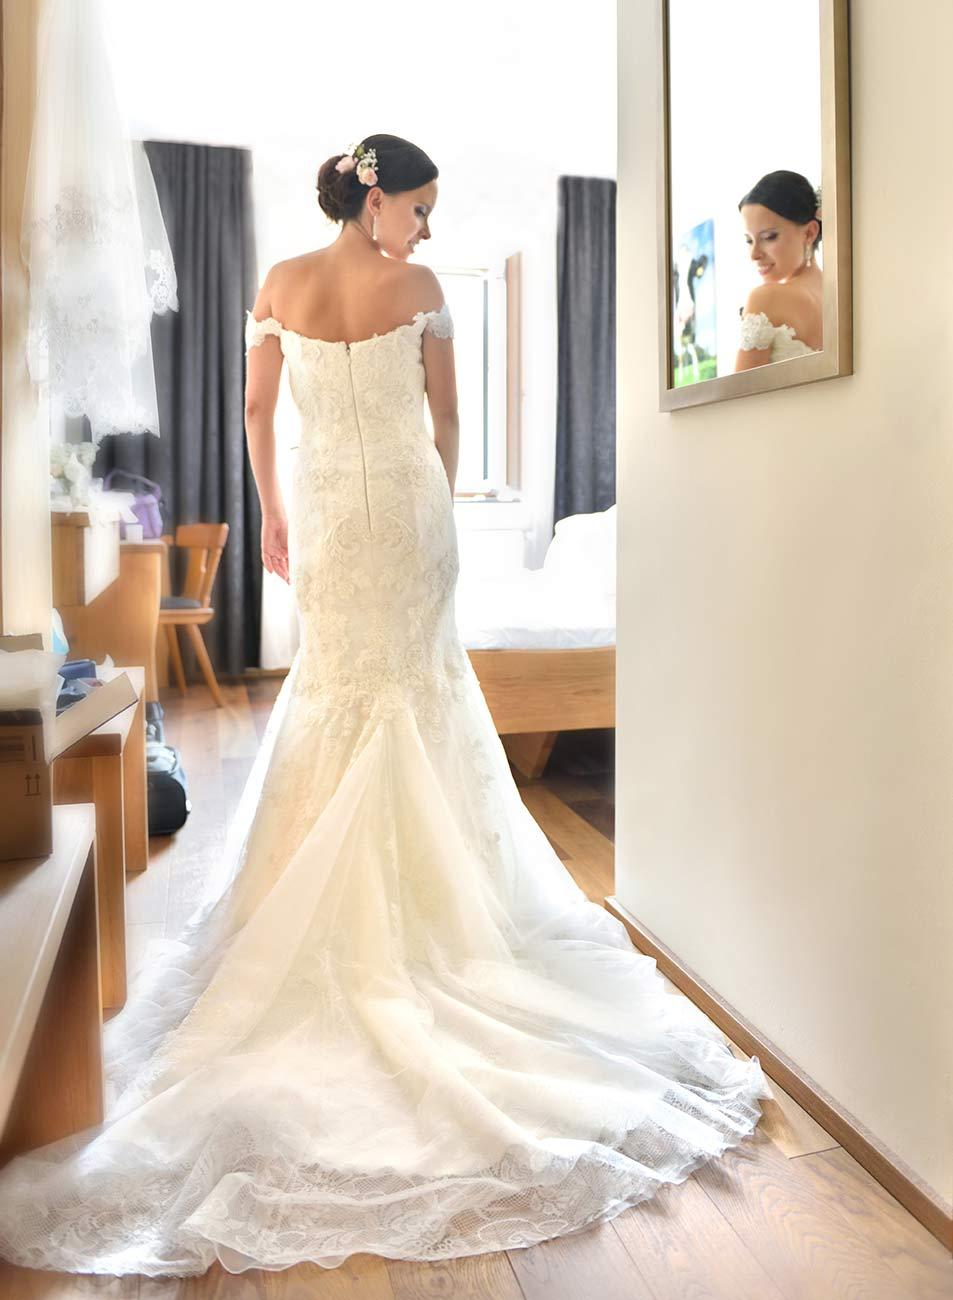 03 svatebni foto osterreich Hochzeitsfotograf gmunden Braut